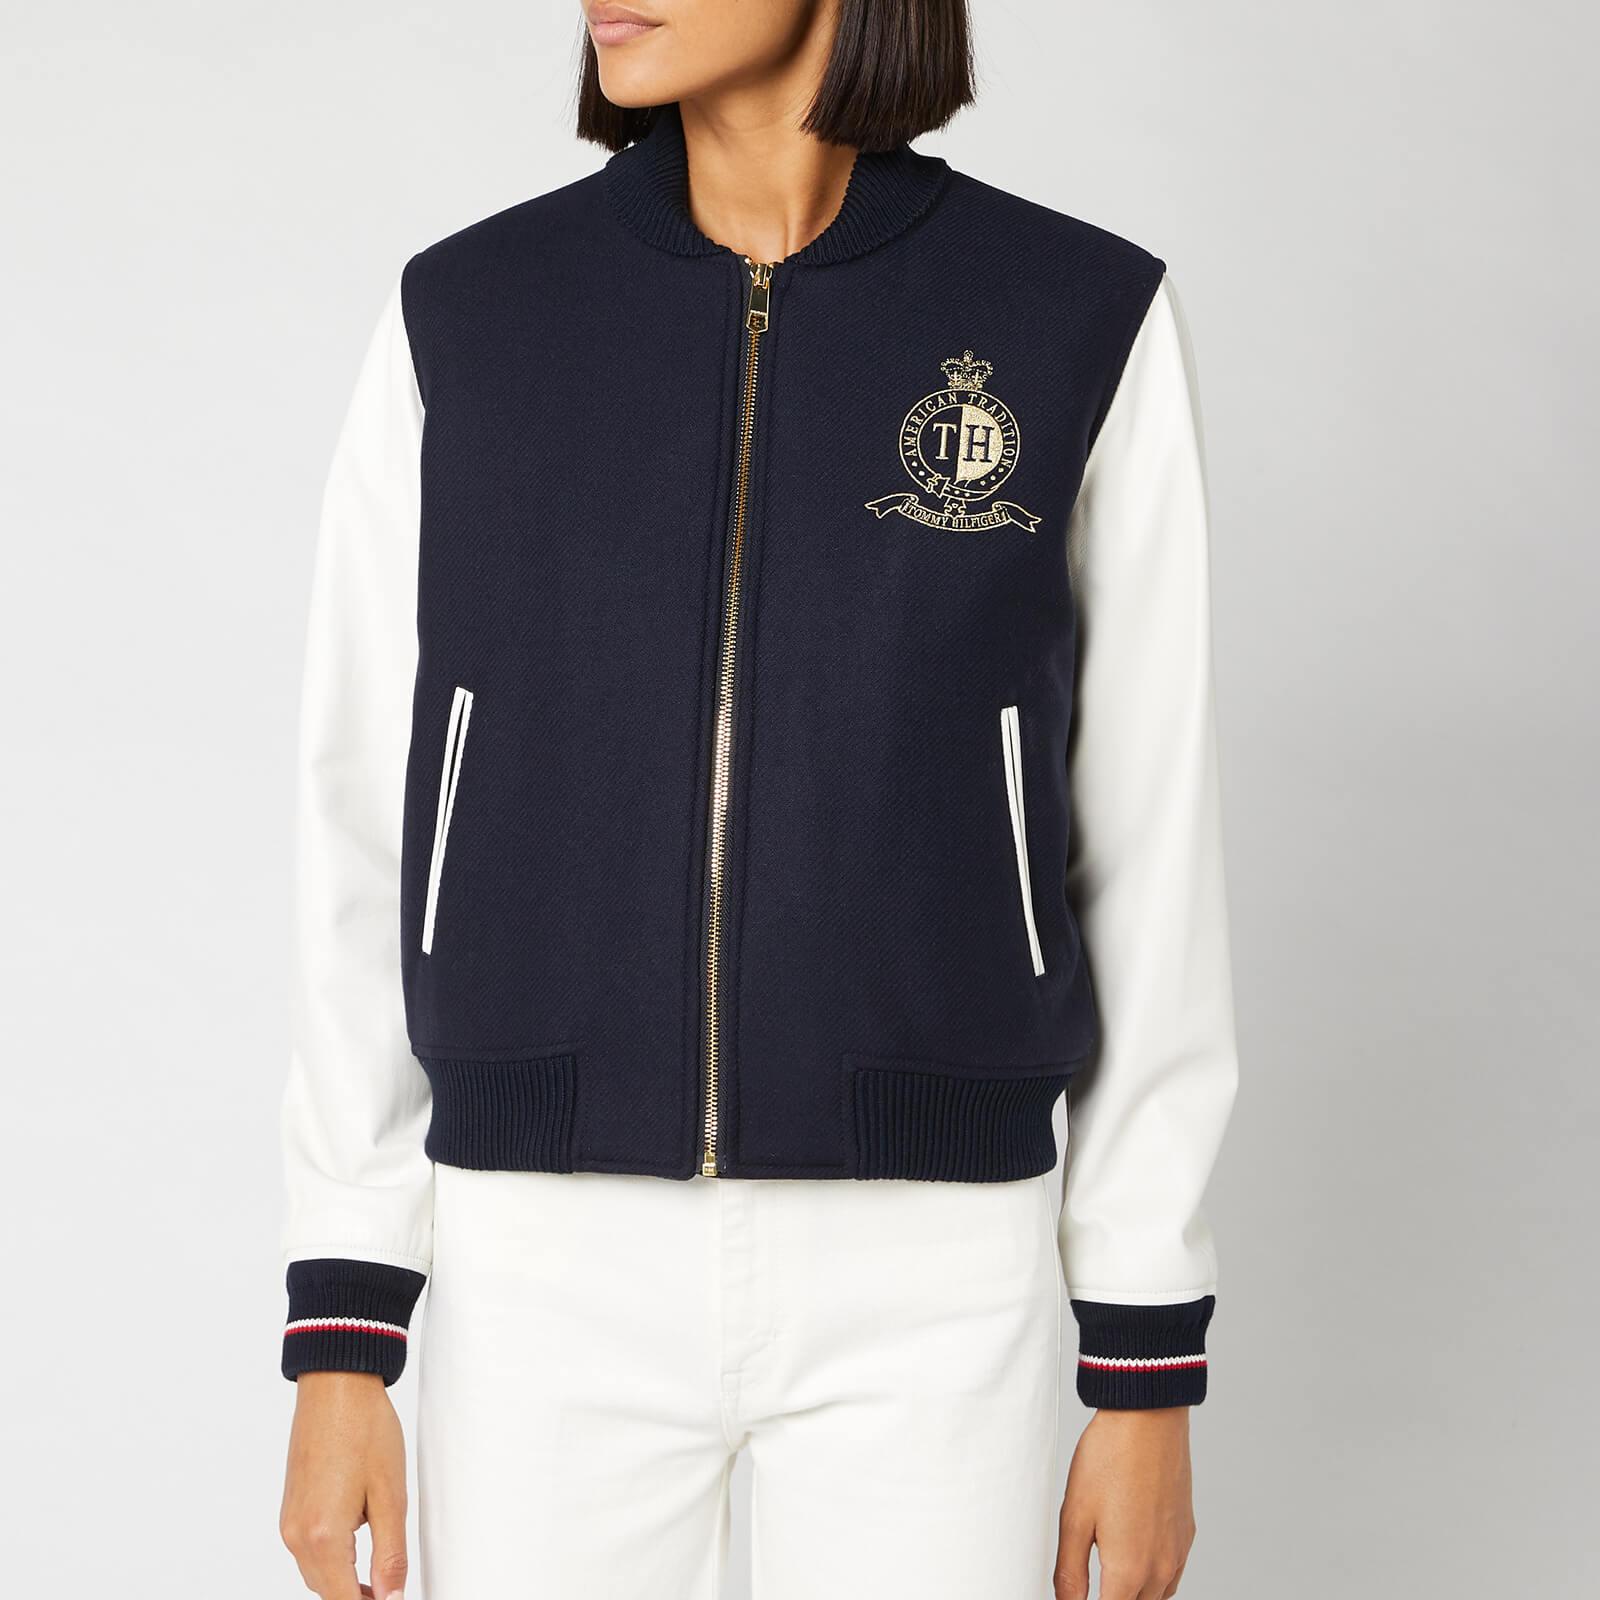 Tommy Hilfiger Women's Belle Baseball Jacket - Sky Captain - US 8/UK 12 - Blue